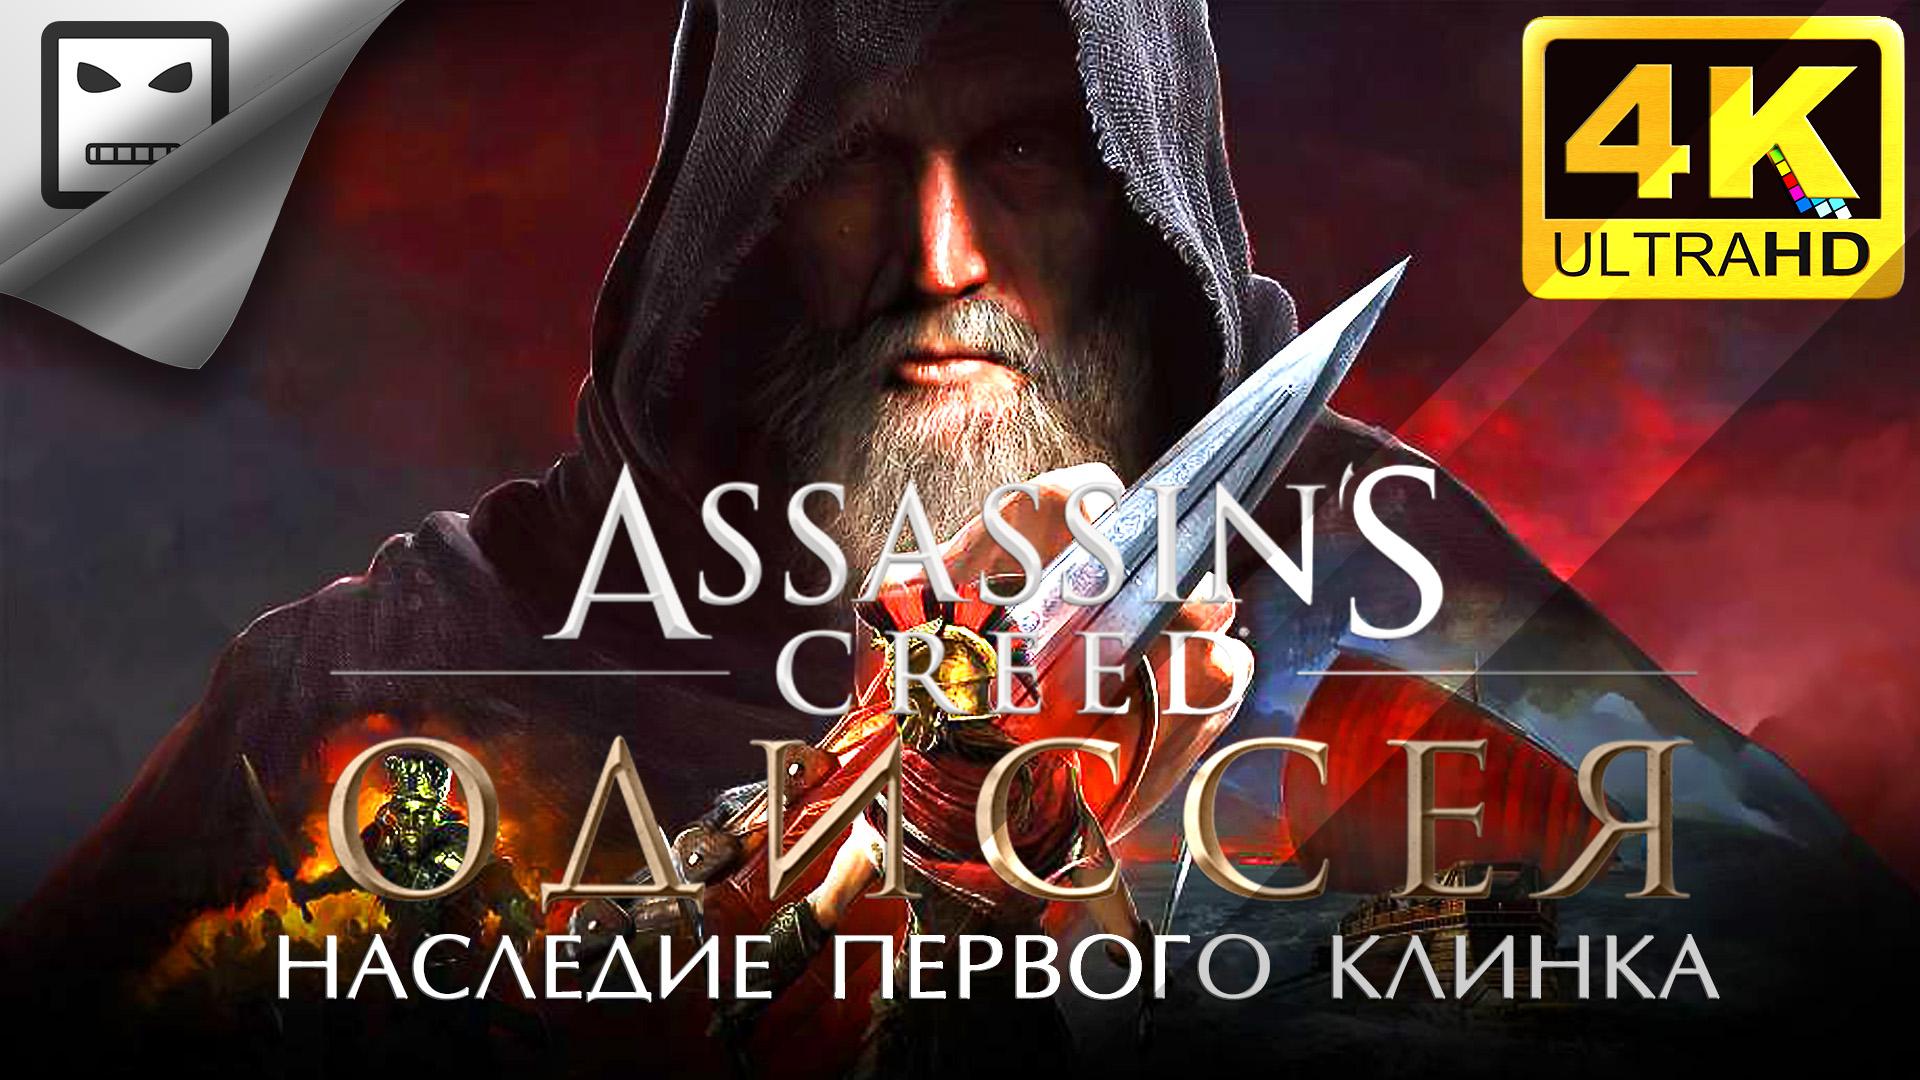 Ассасин Крид Одиссея Наследие Первого Клинка ИГРОФИЛЬМ Assassin's creed 4K60FPS 18+ прохождение